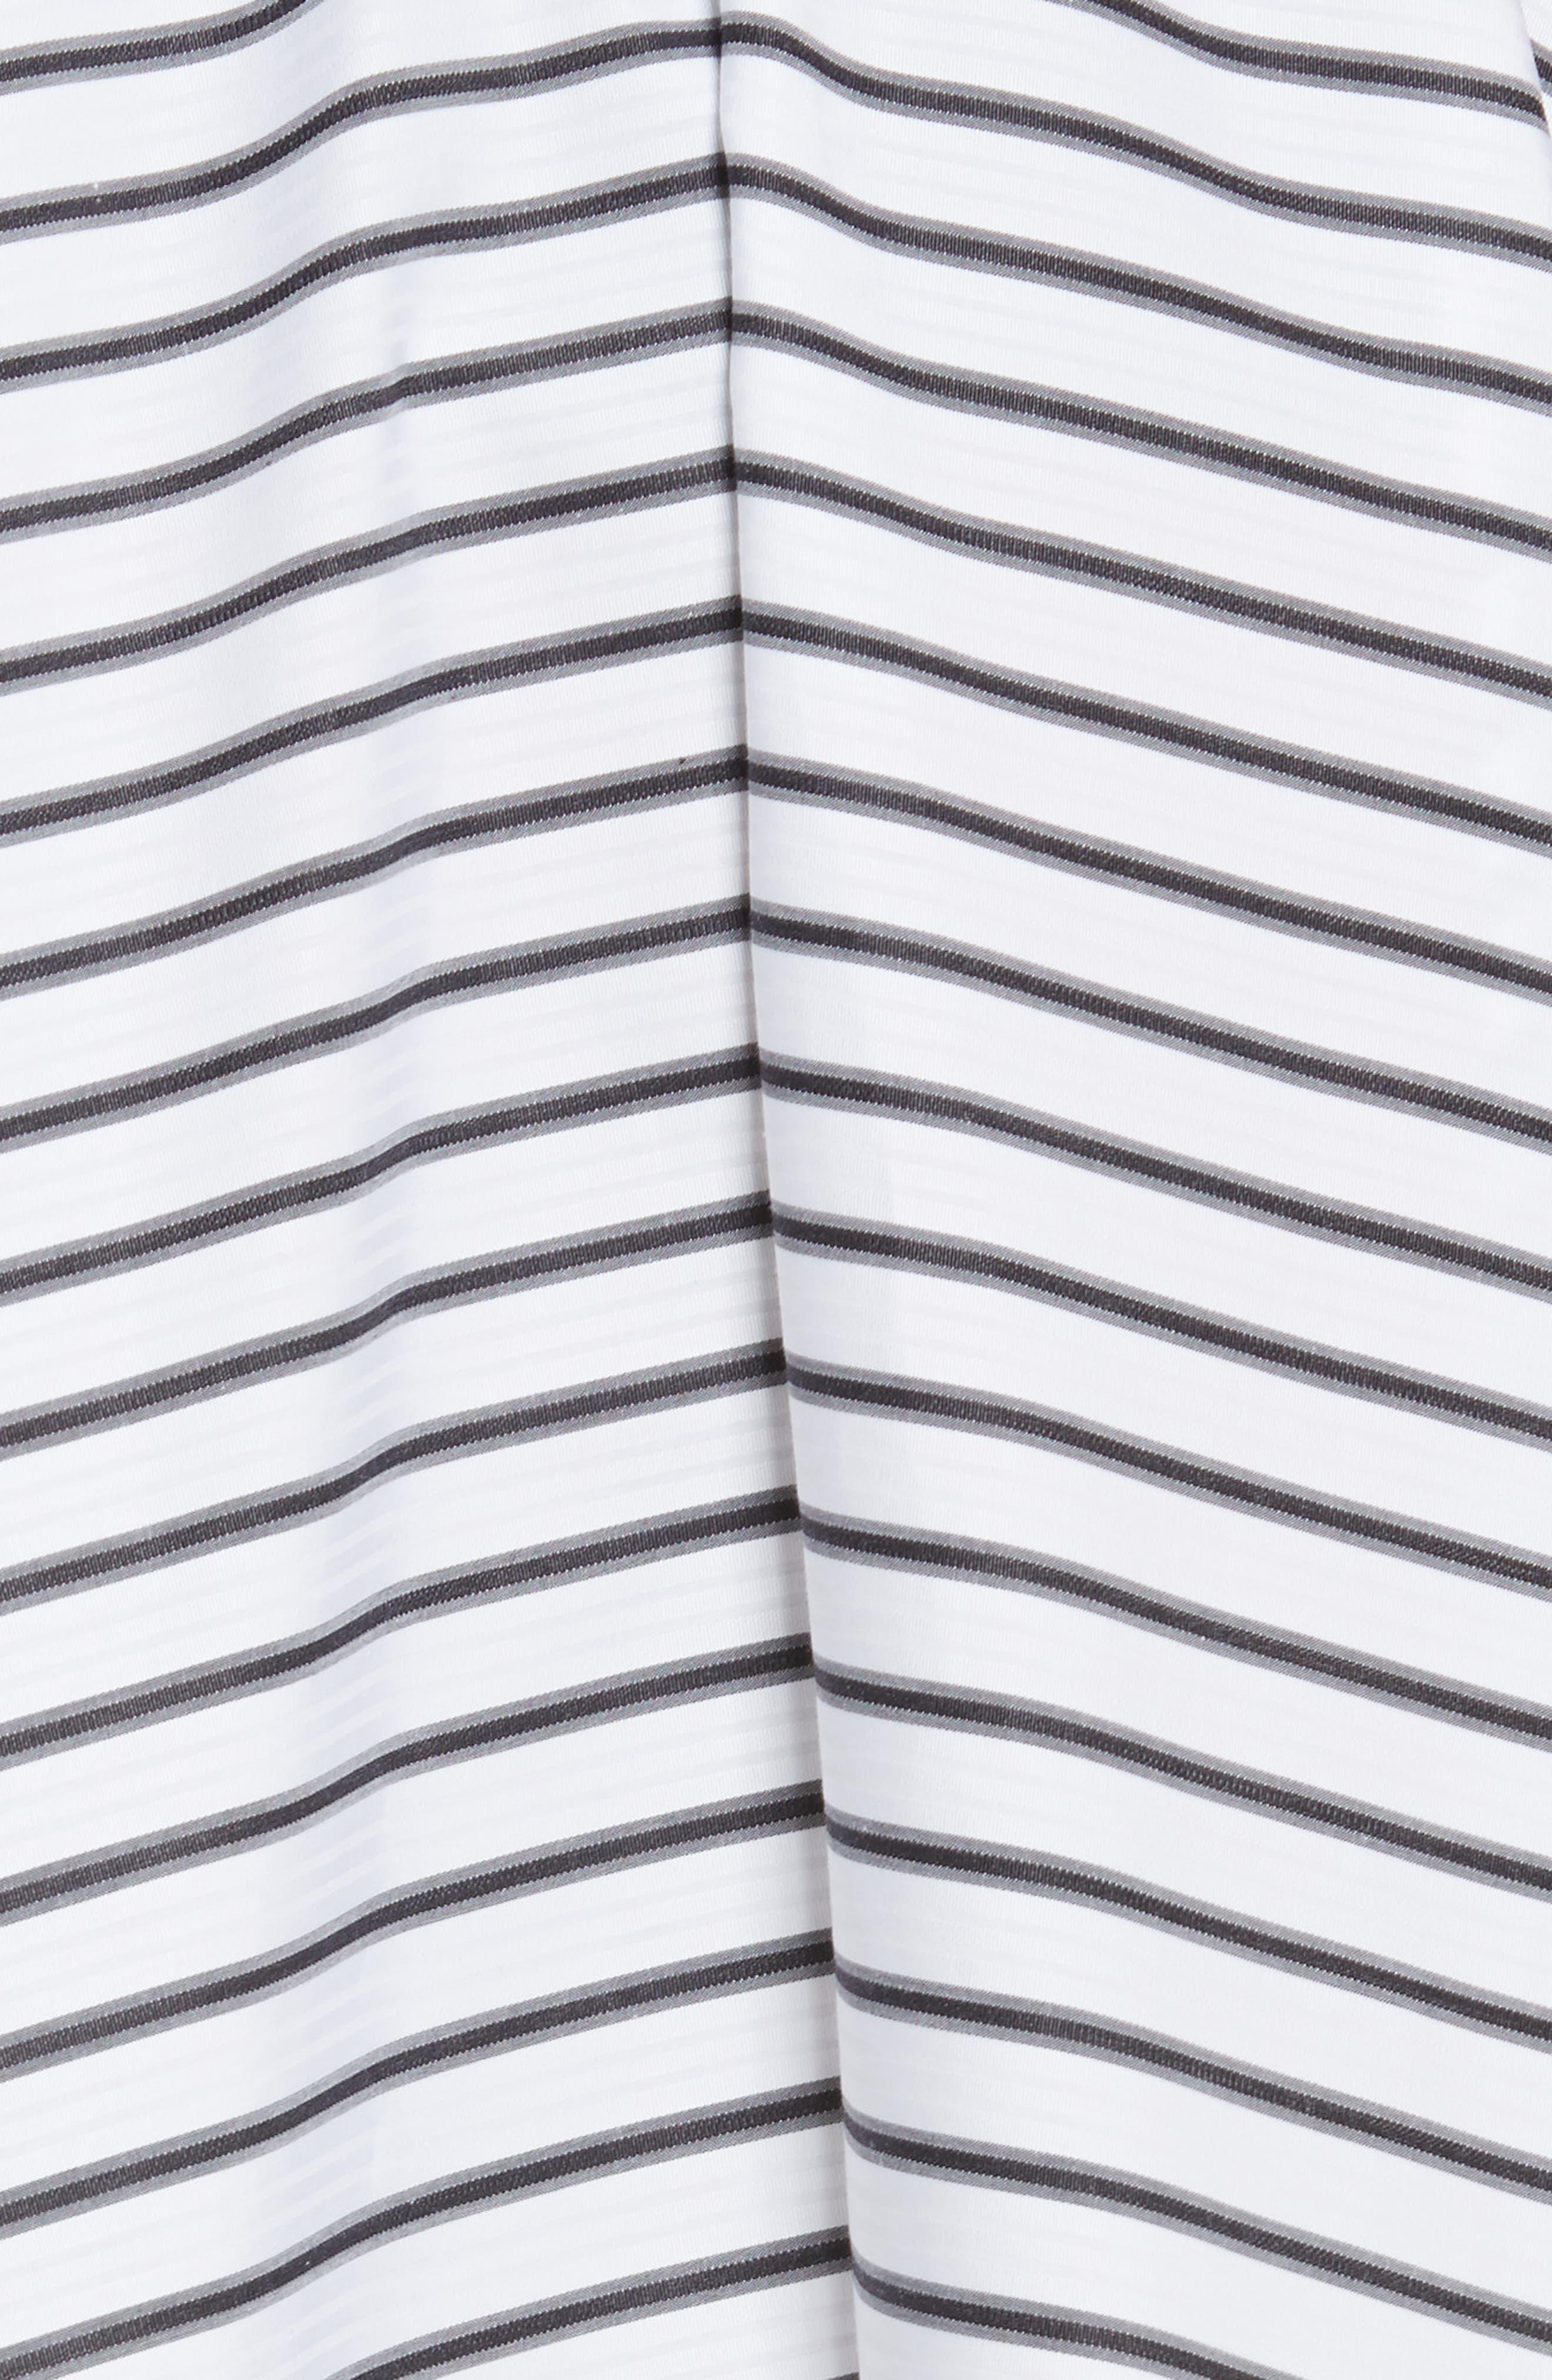 Adelle High/Low Ruffle Skirt,                             Alternate thumbnail 5, color,